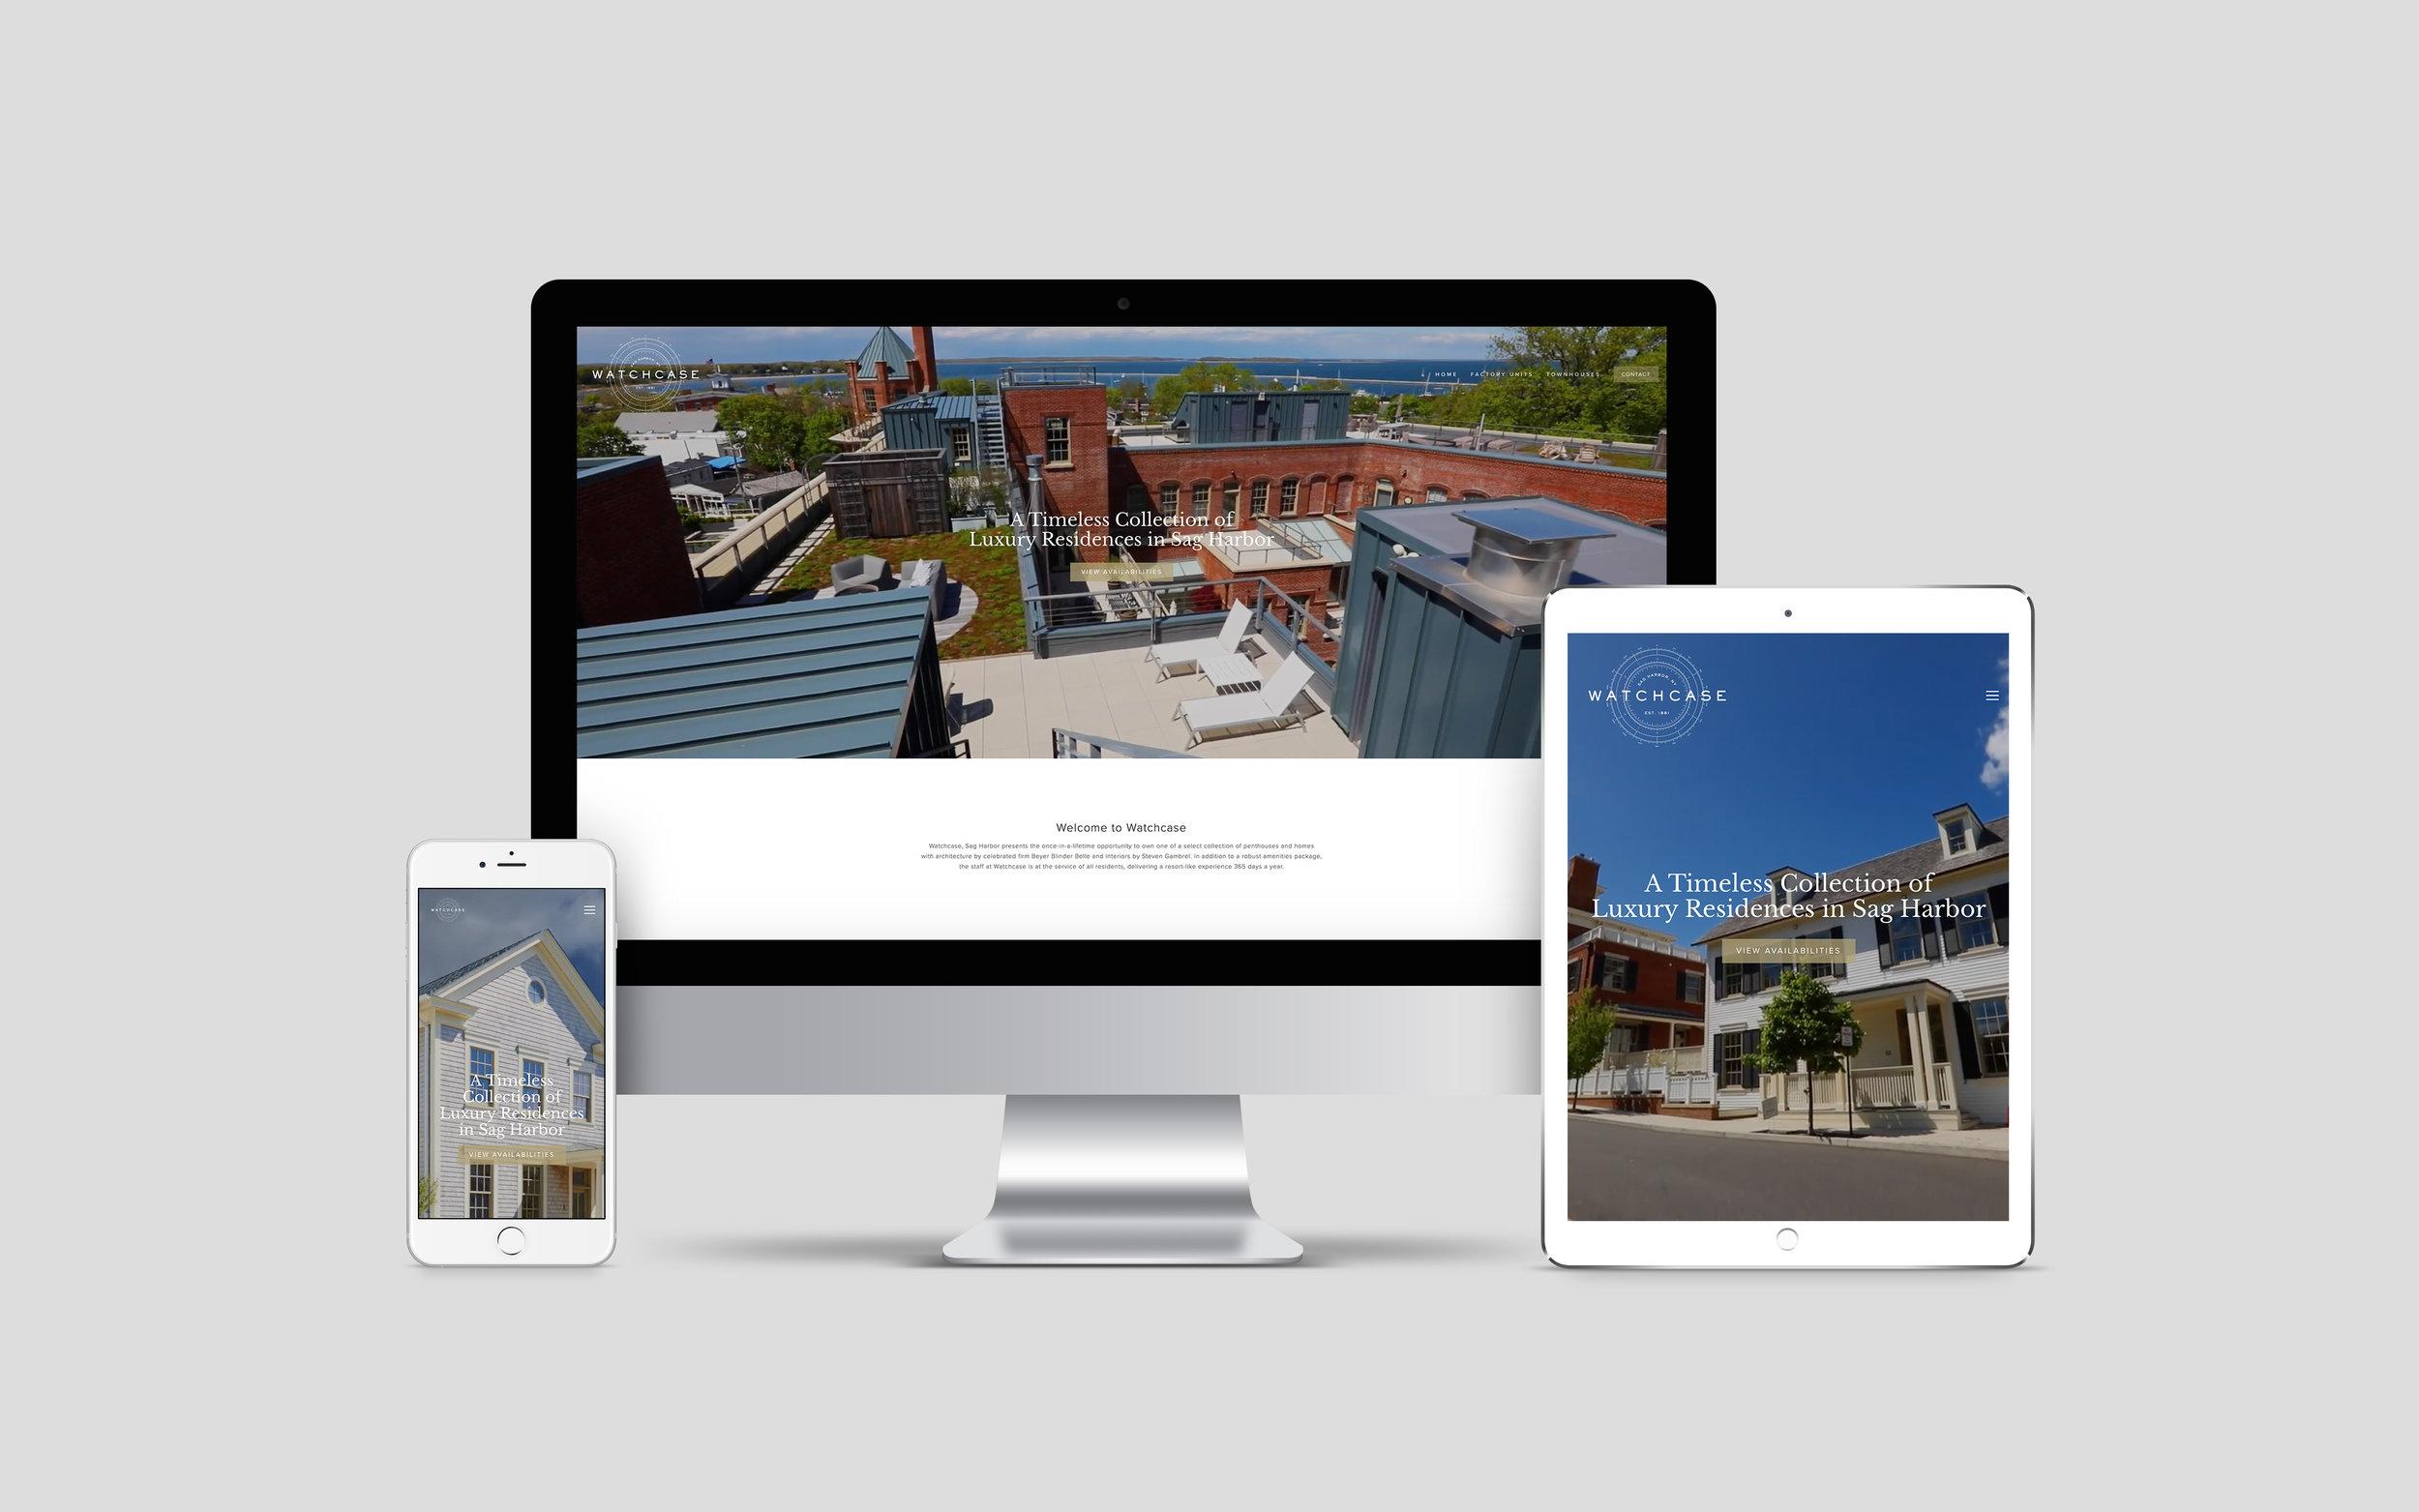 Watchcase Website.jpg